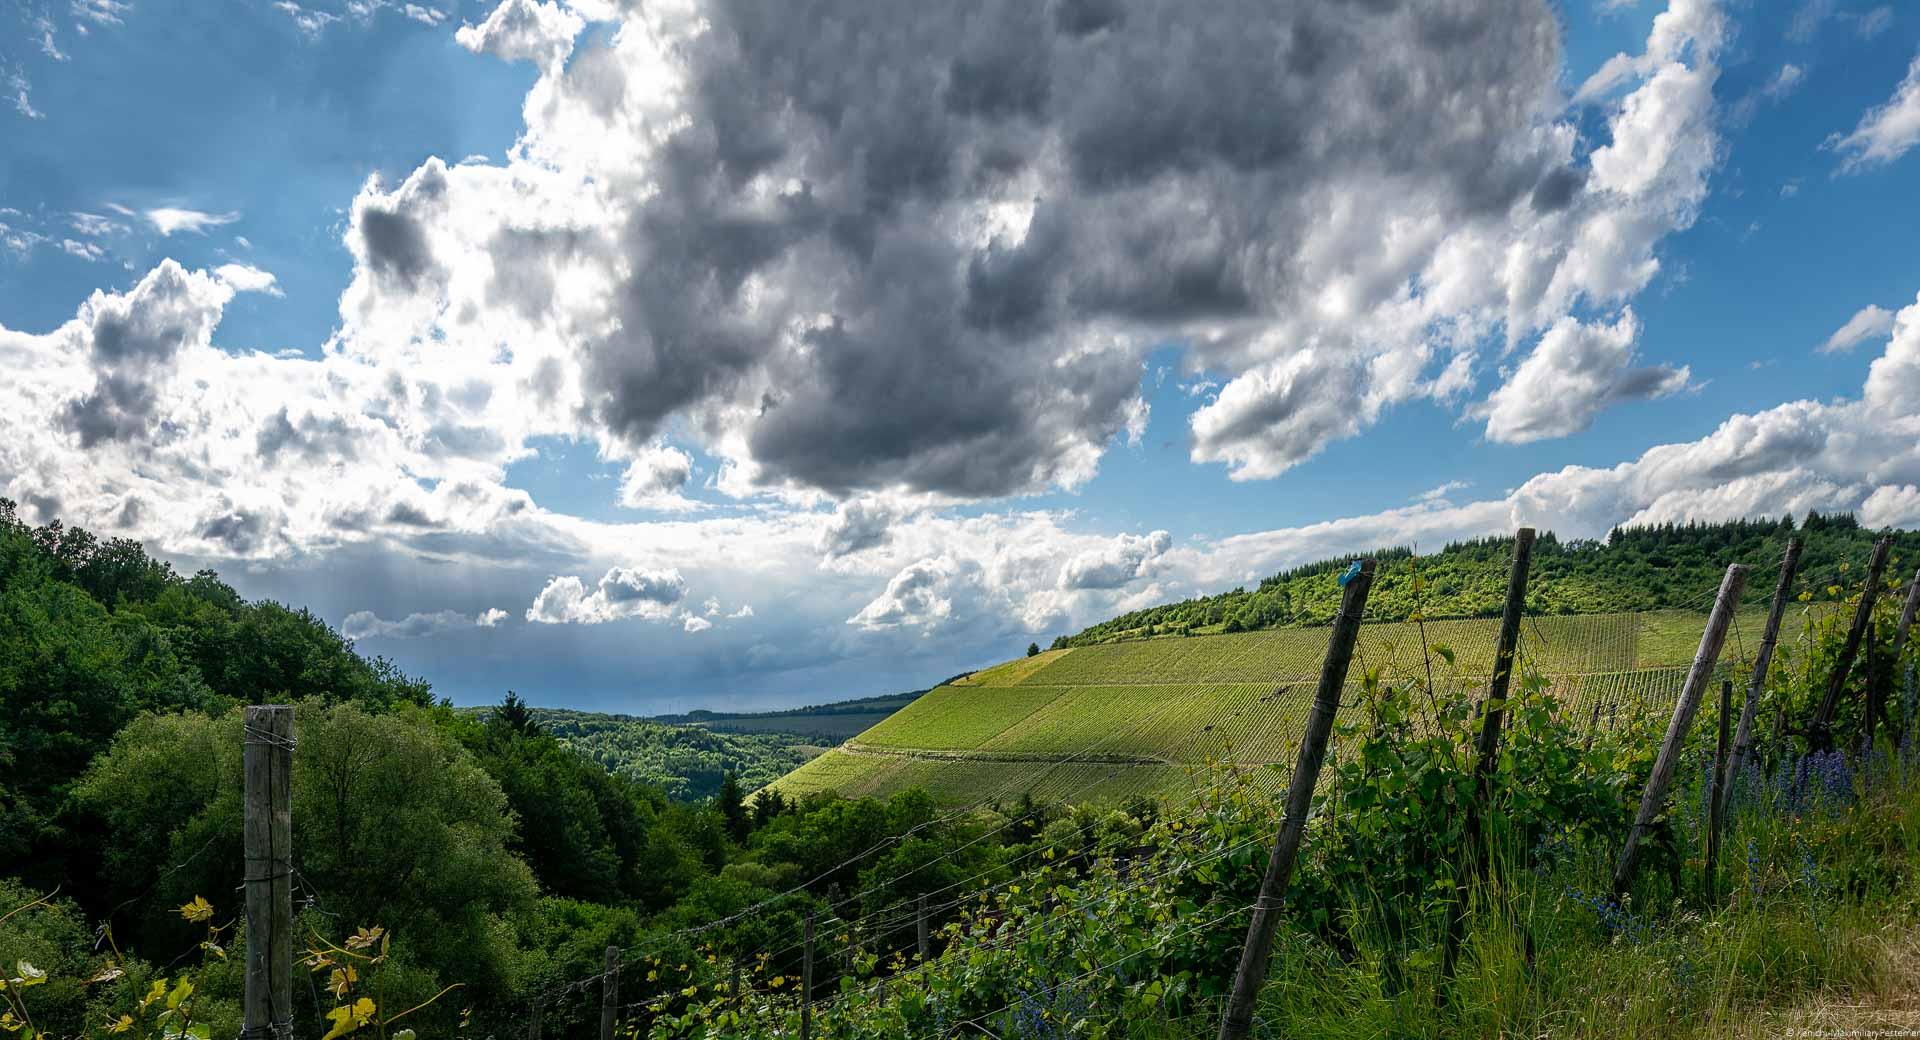 Der Weinberg Kaseler Nies'chen wölbt sich imposant neben dem Weindorf Kasel empor. Am blauen Himmel oben erkennt man Wolken. Vorne links ist ein bewaldeter Hügel. Man kann weit in das Ruwertal hineinblicken.